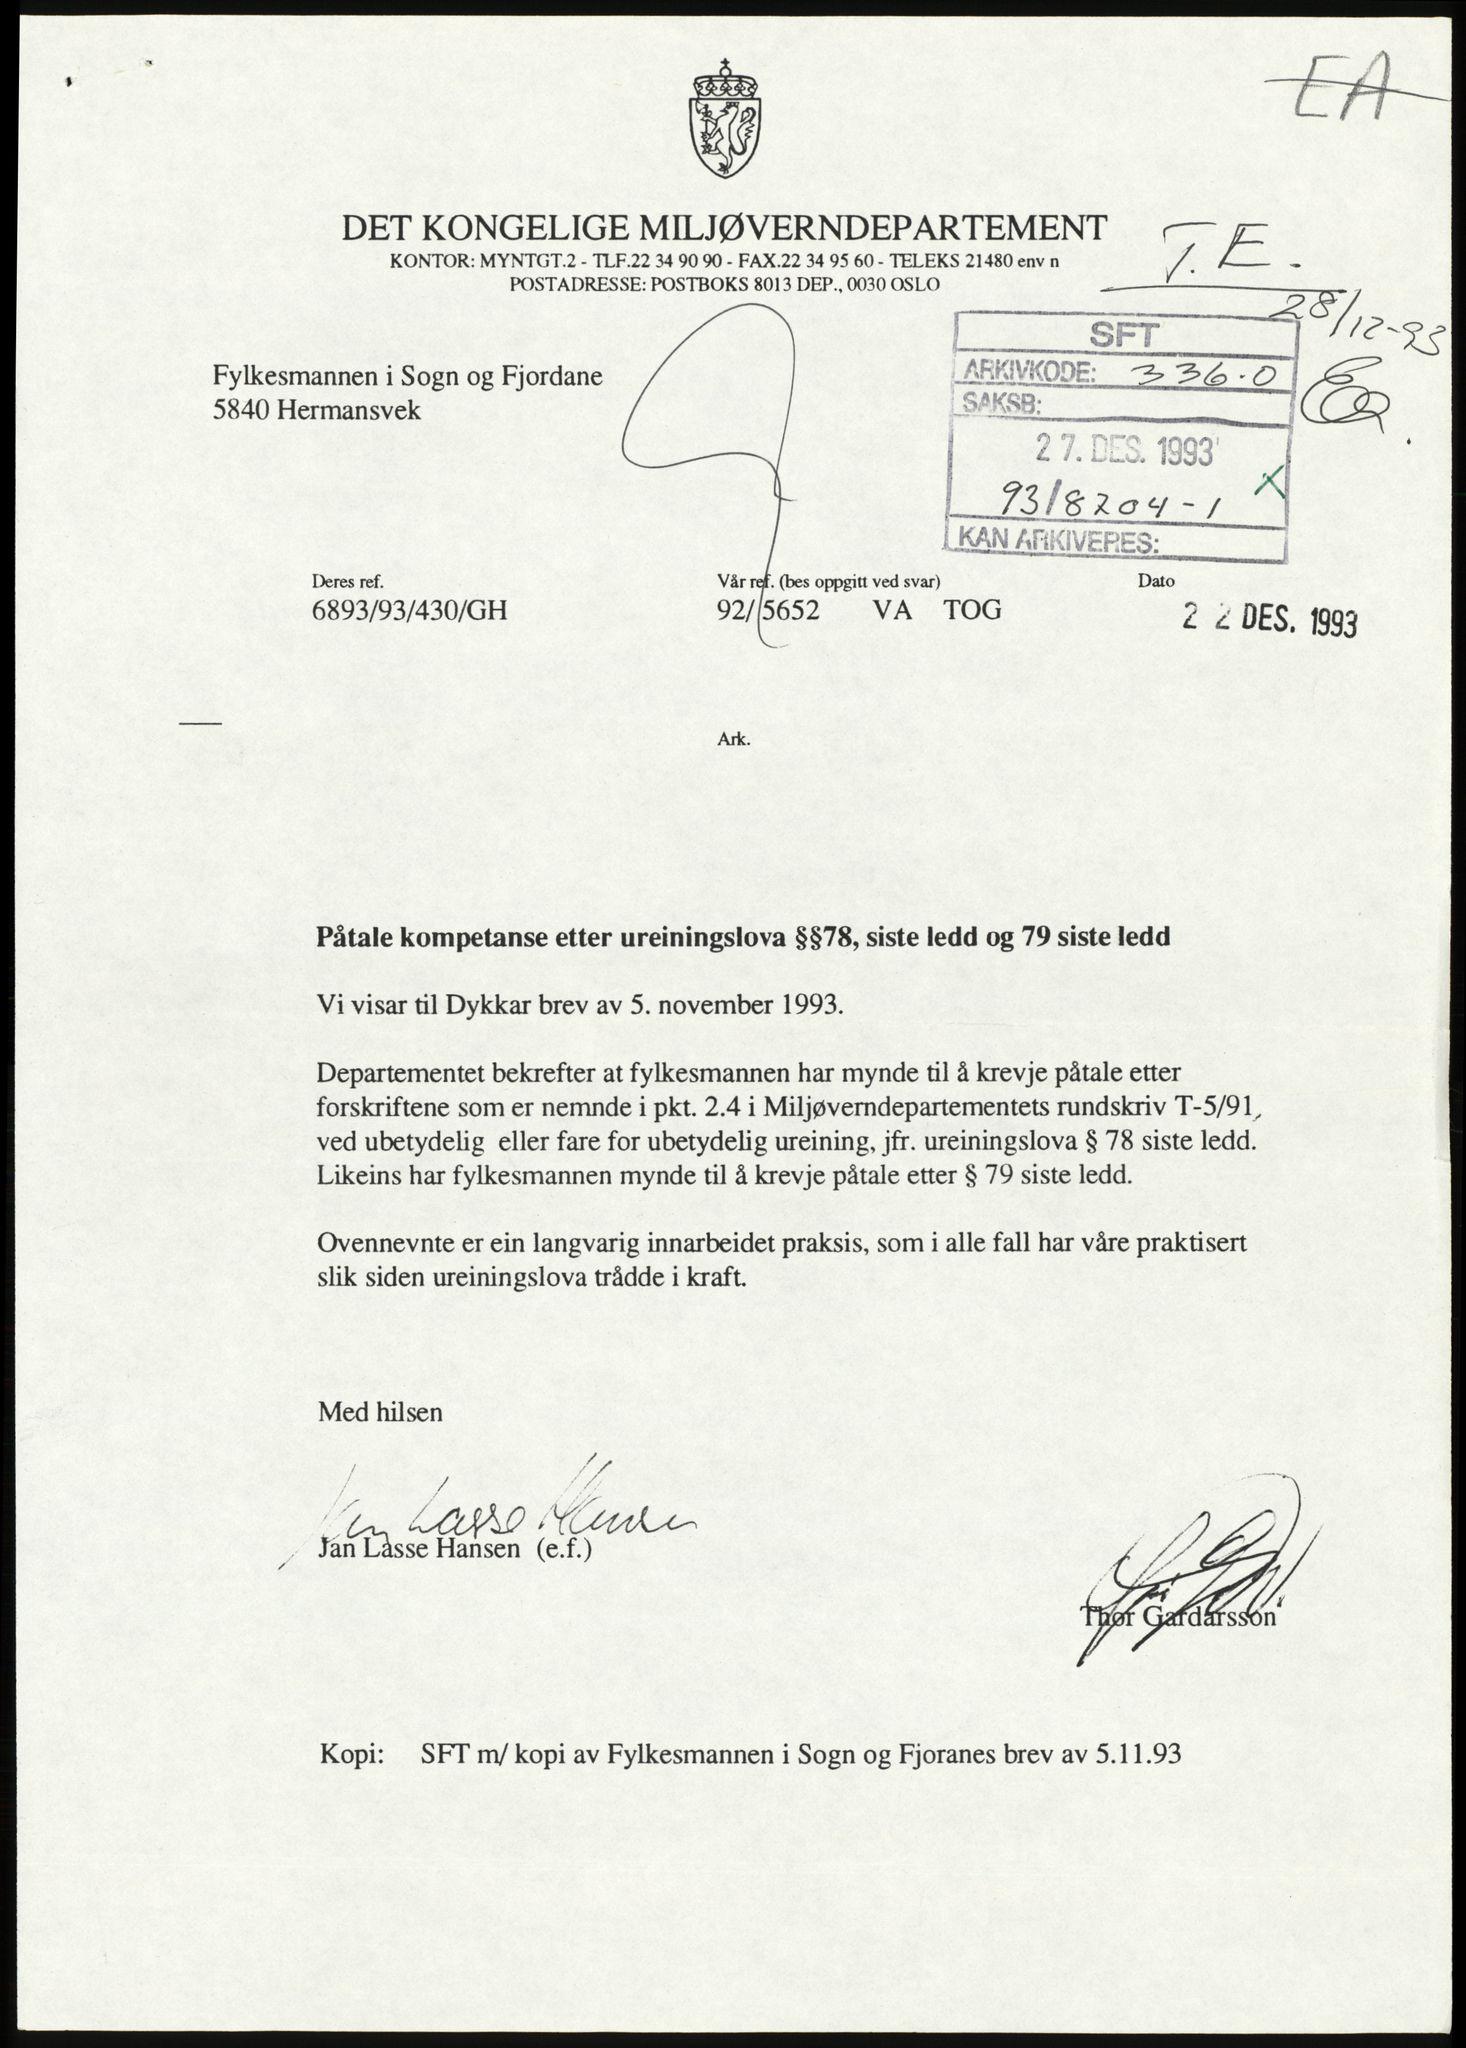 RA, Statens forurensningstilsyn, hovedkontoret, D/Da/L0440: Lover, forskrifter og juridiske spørsmål, 1984-1993, s. 3